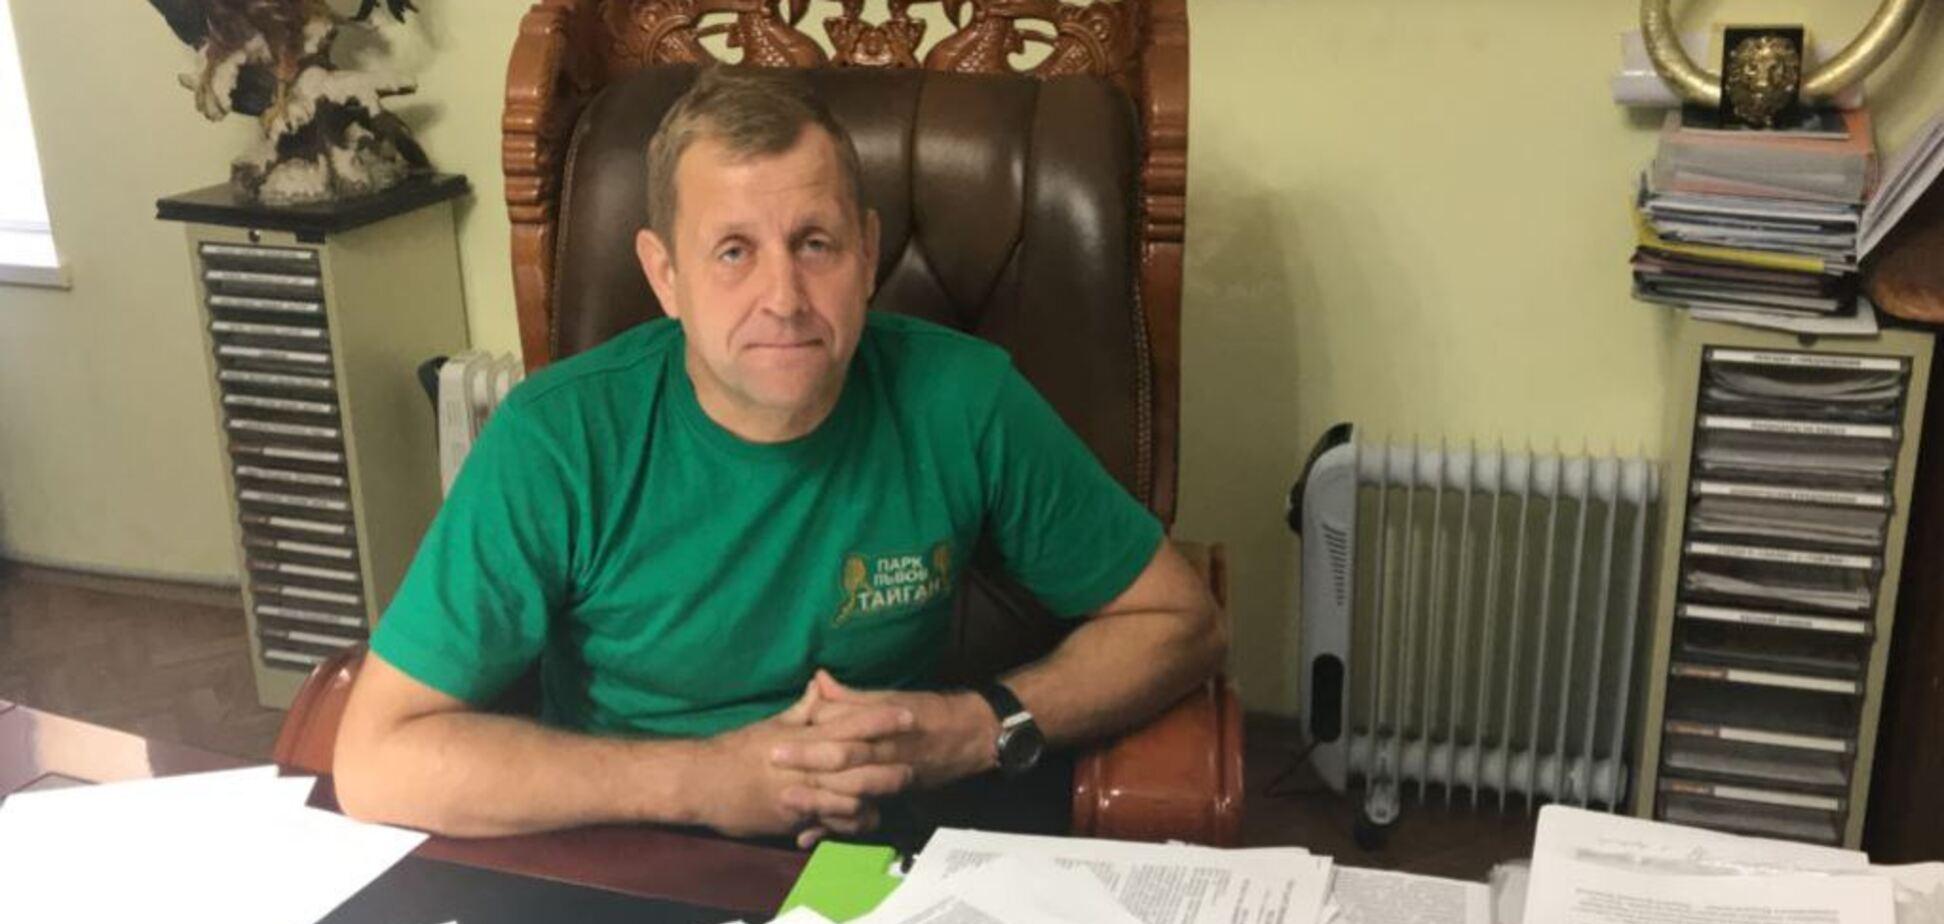 Ярый фанат 'русского мира' пообещал расстрелять десятки медведей, тигров и львов в зоопарках Крыма